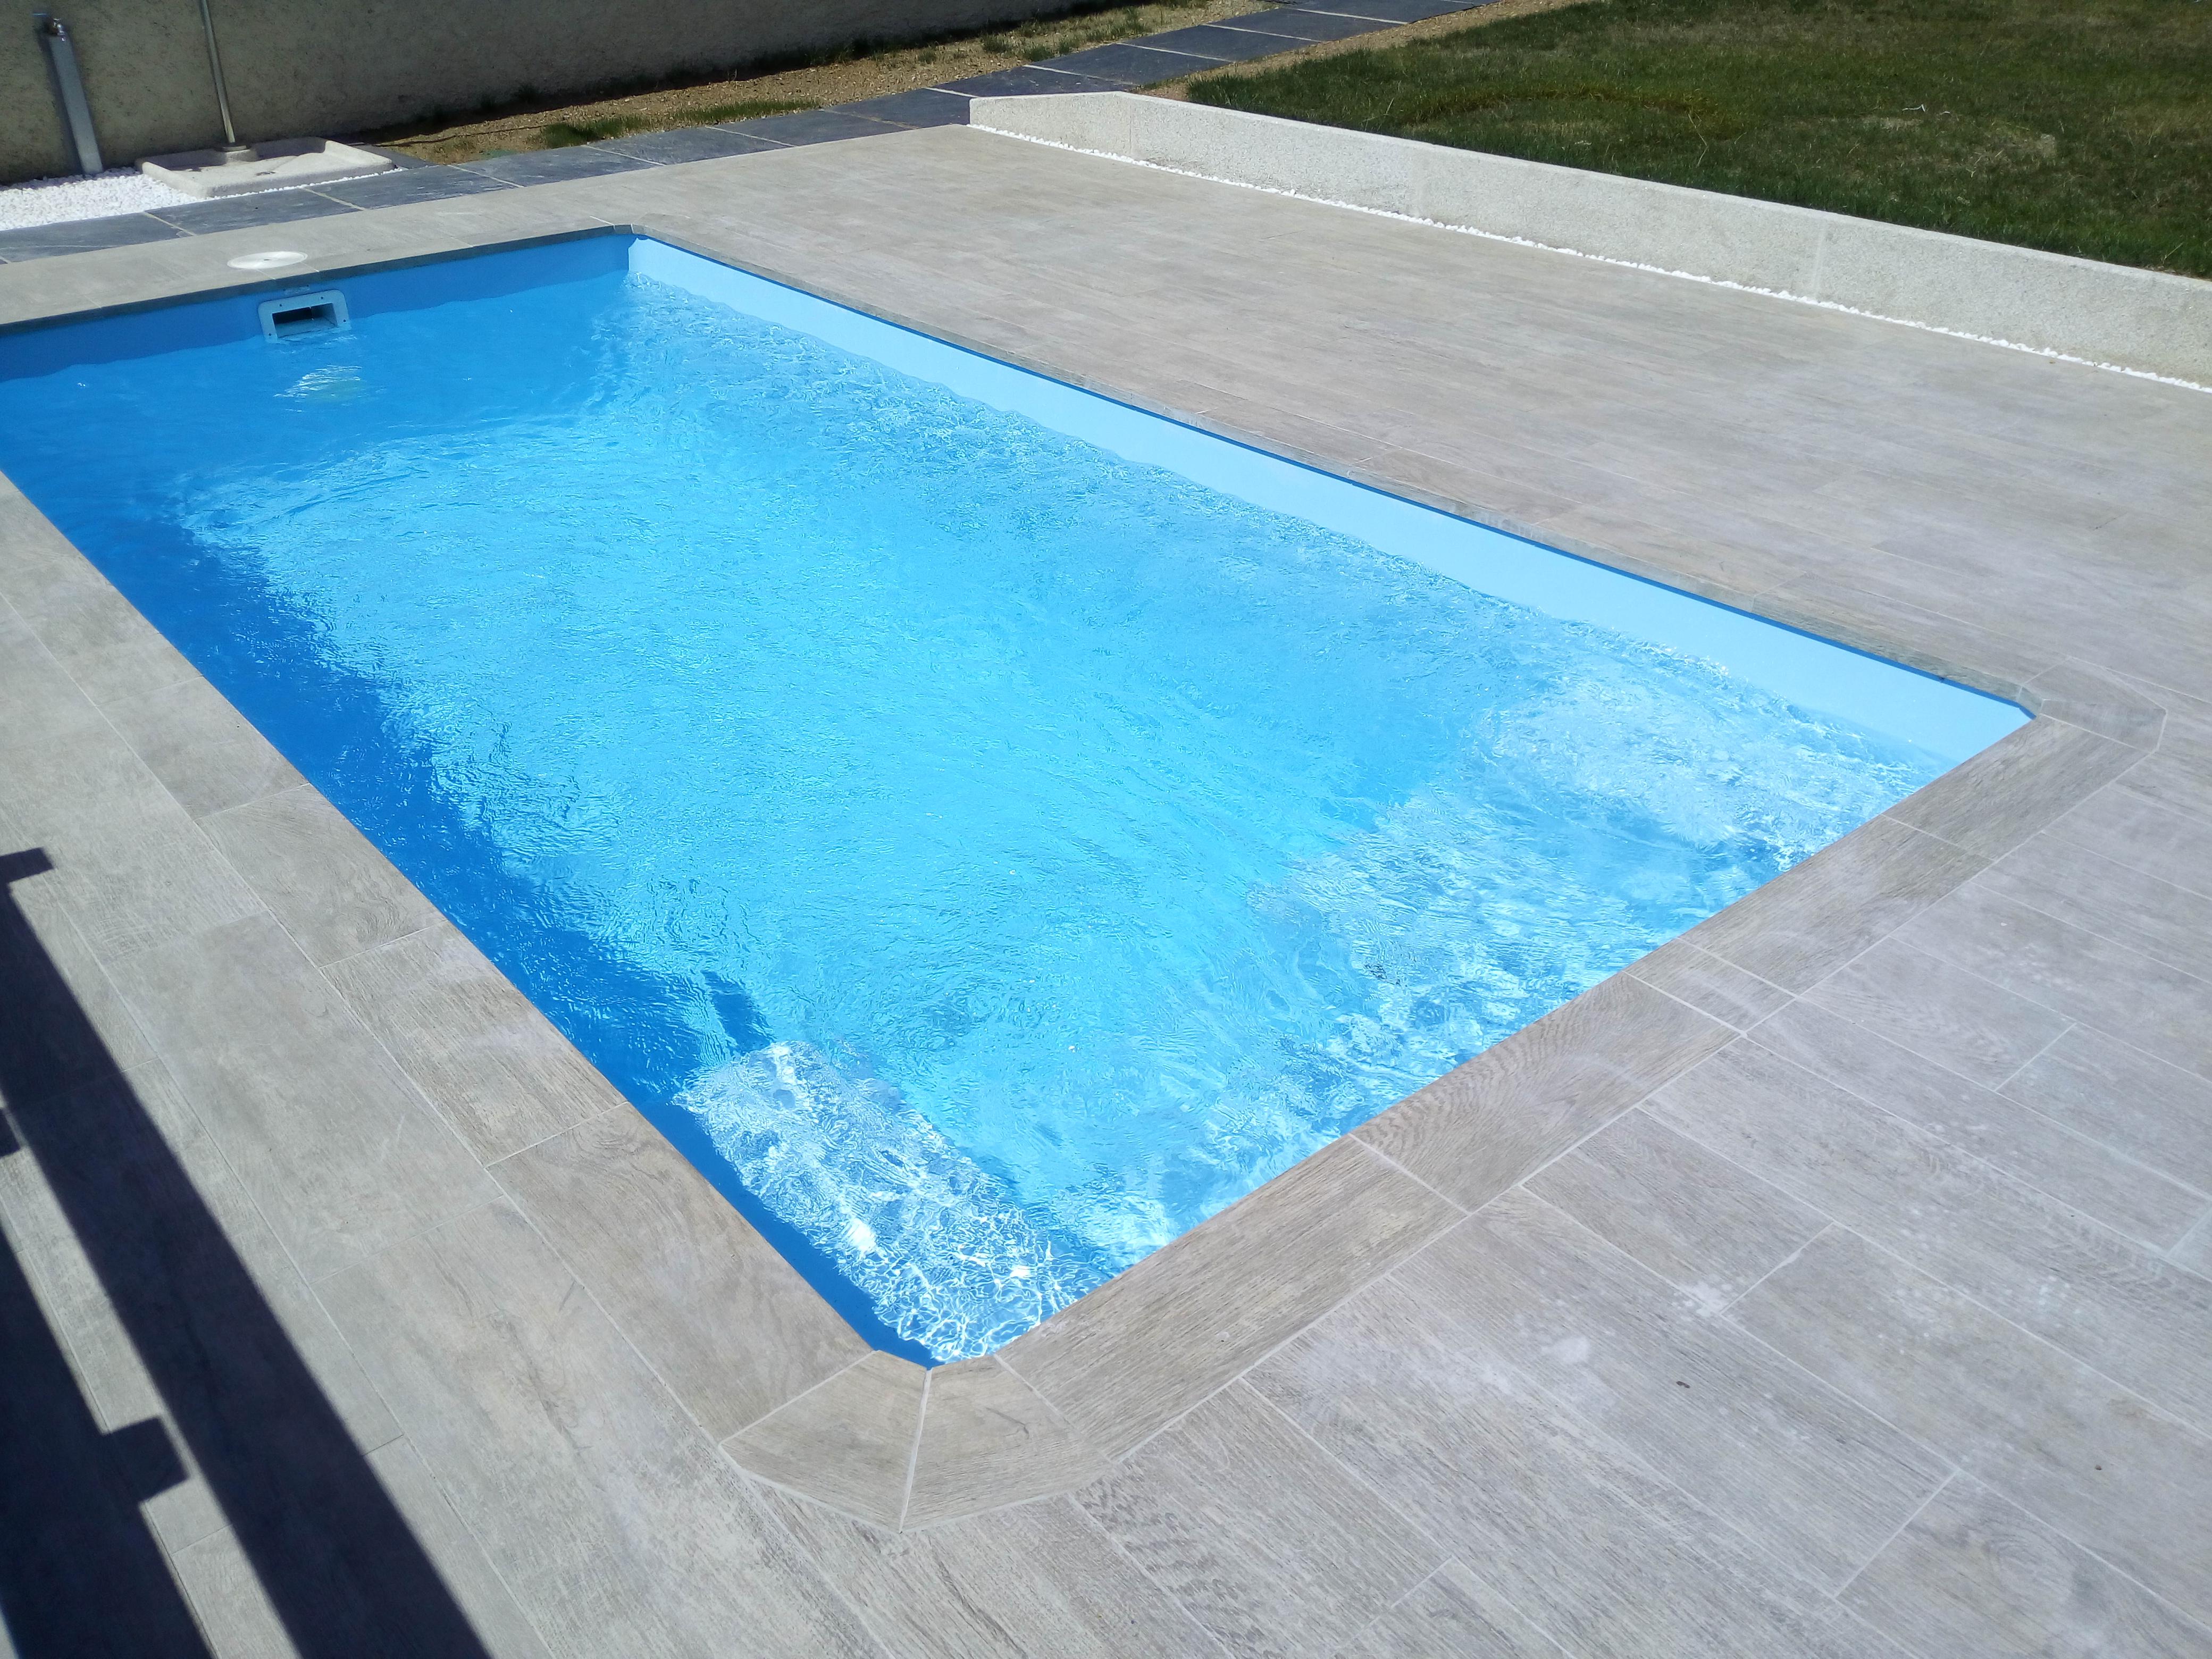 Ver galer a playas coronaciones aguasport piscinas for Ver piscinas